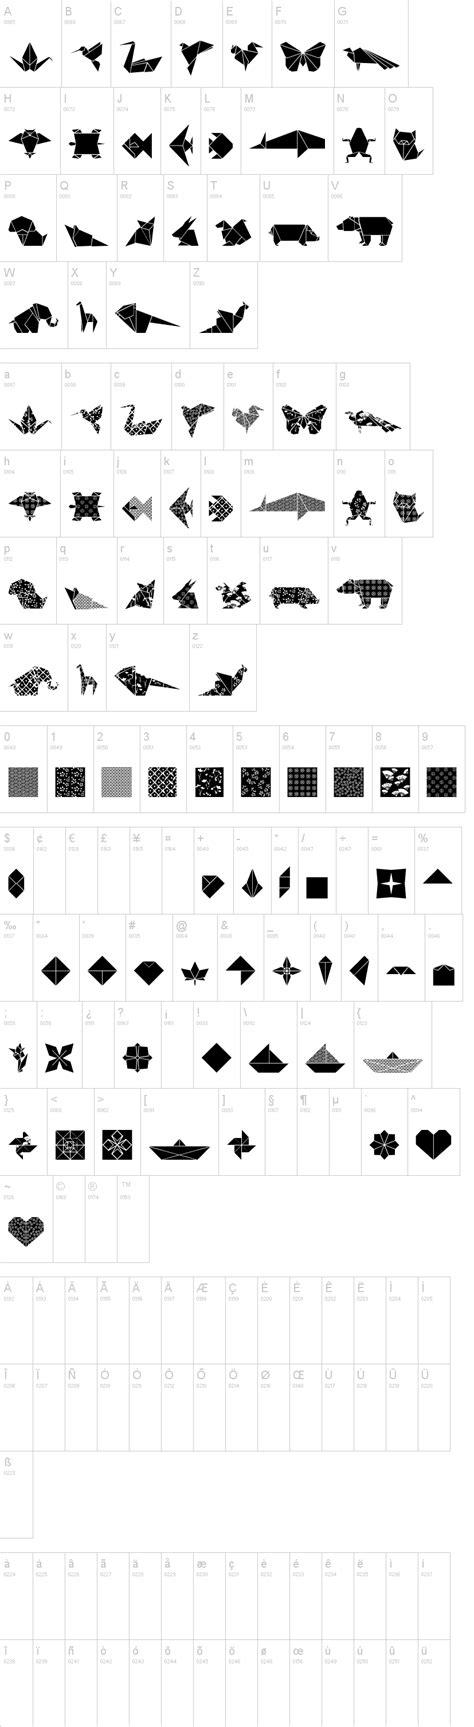 Font Origami - origami bats font dafont